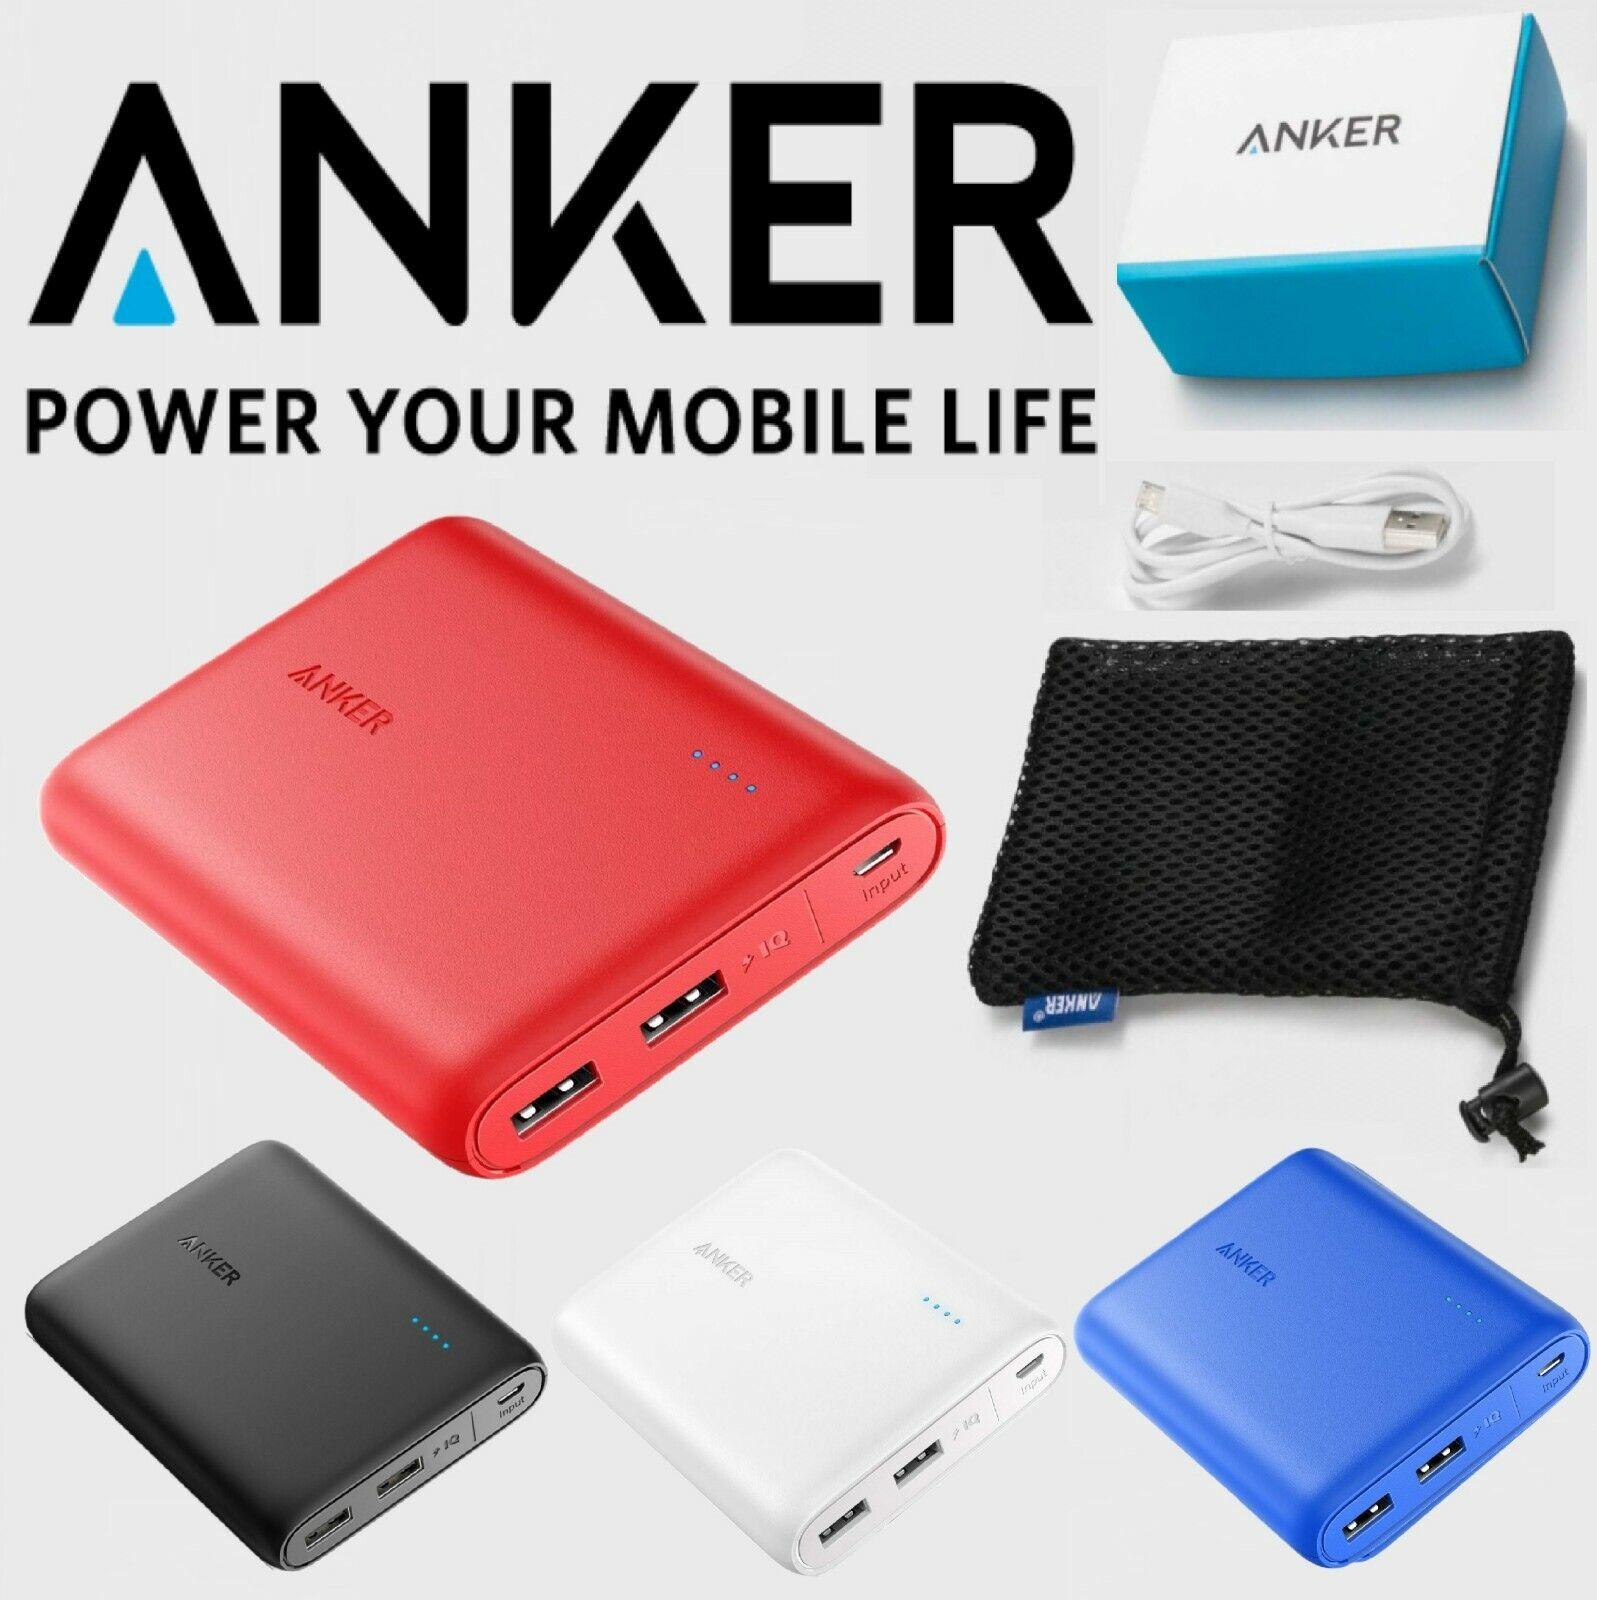 Anker PowerCore 13000, Compact 13000mAh 2-Port Ultra-Portabl